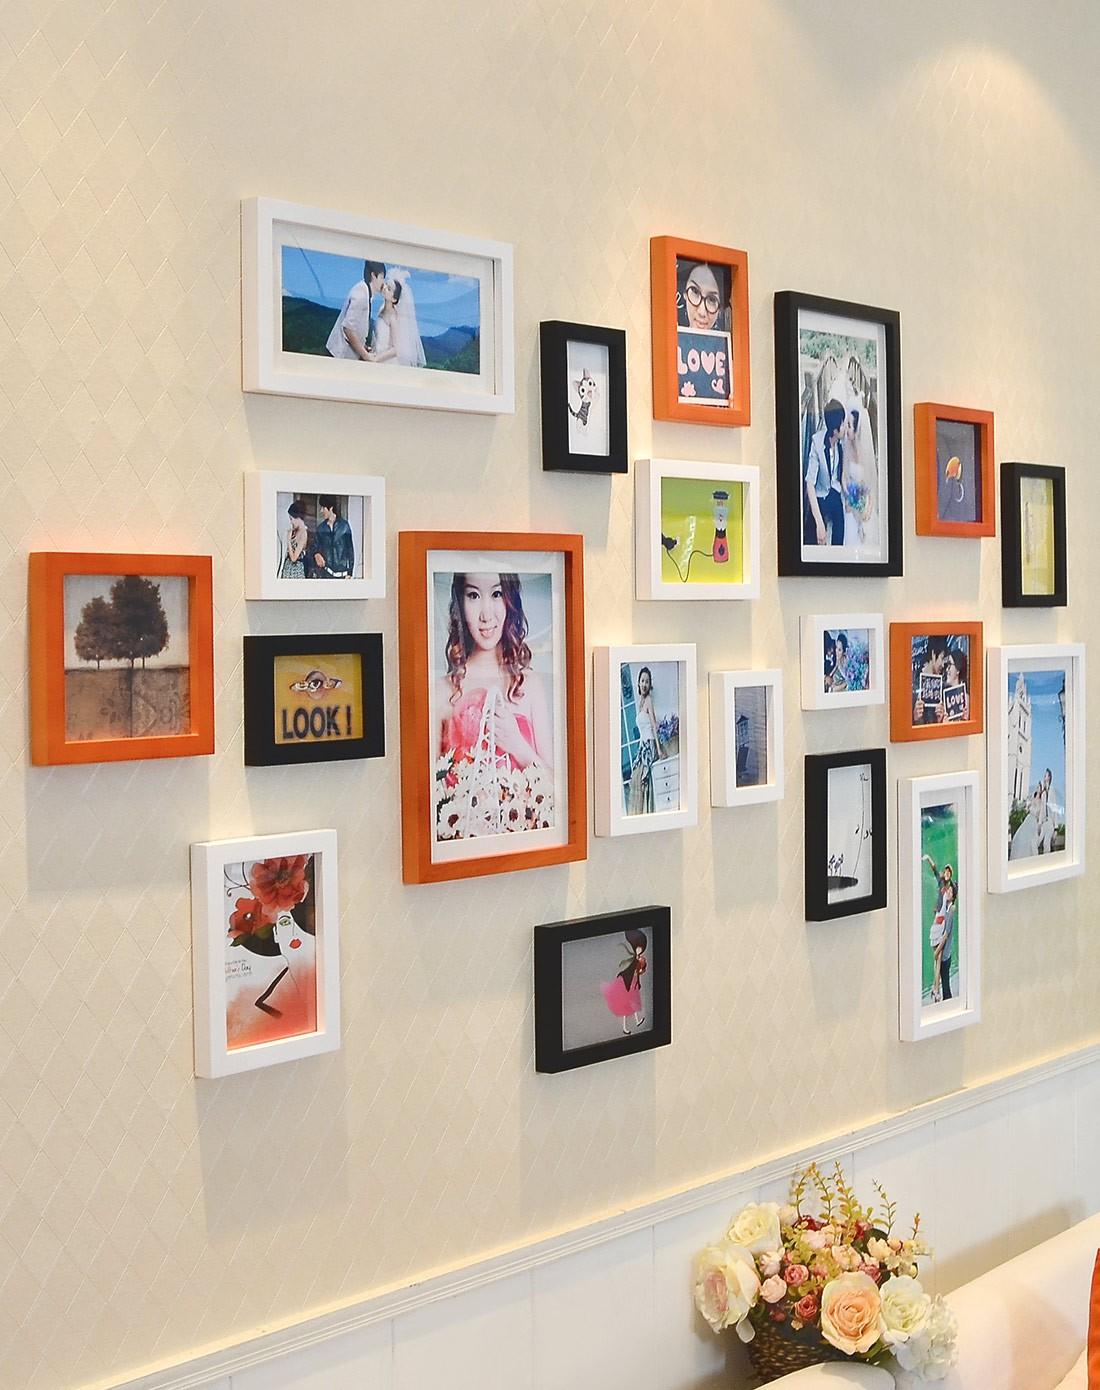 20框适合结婚照的照片墙黑白胡组合